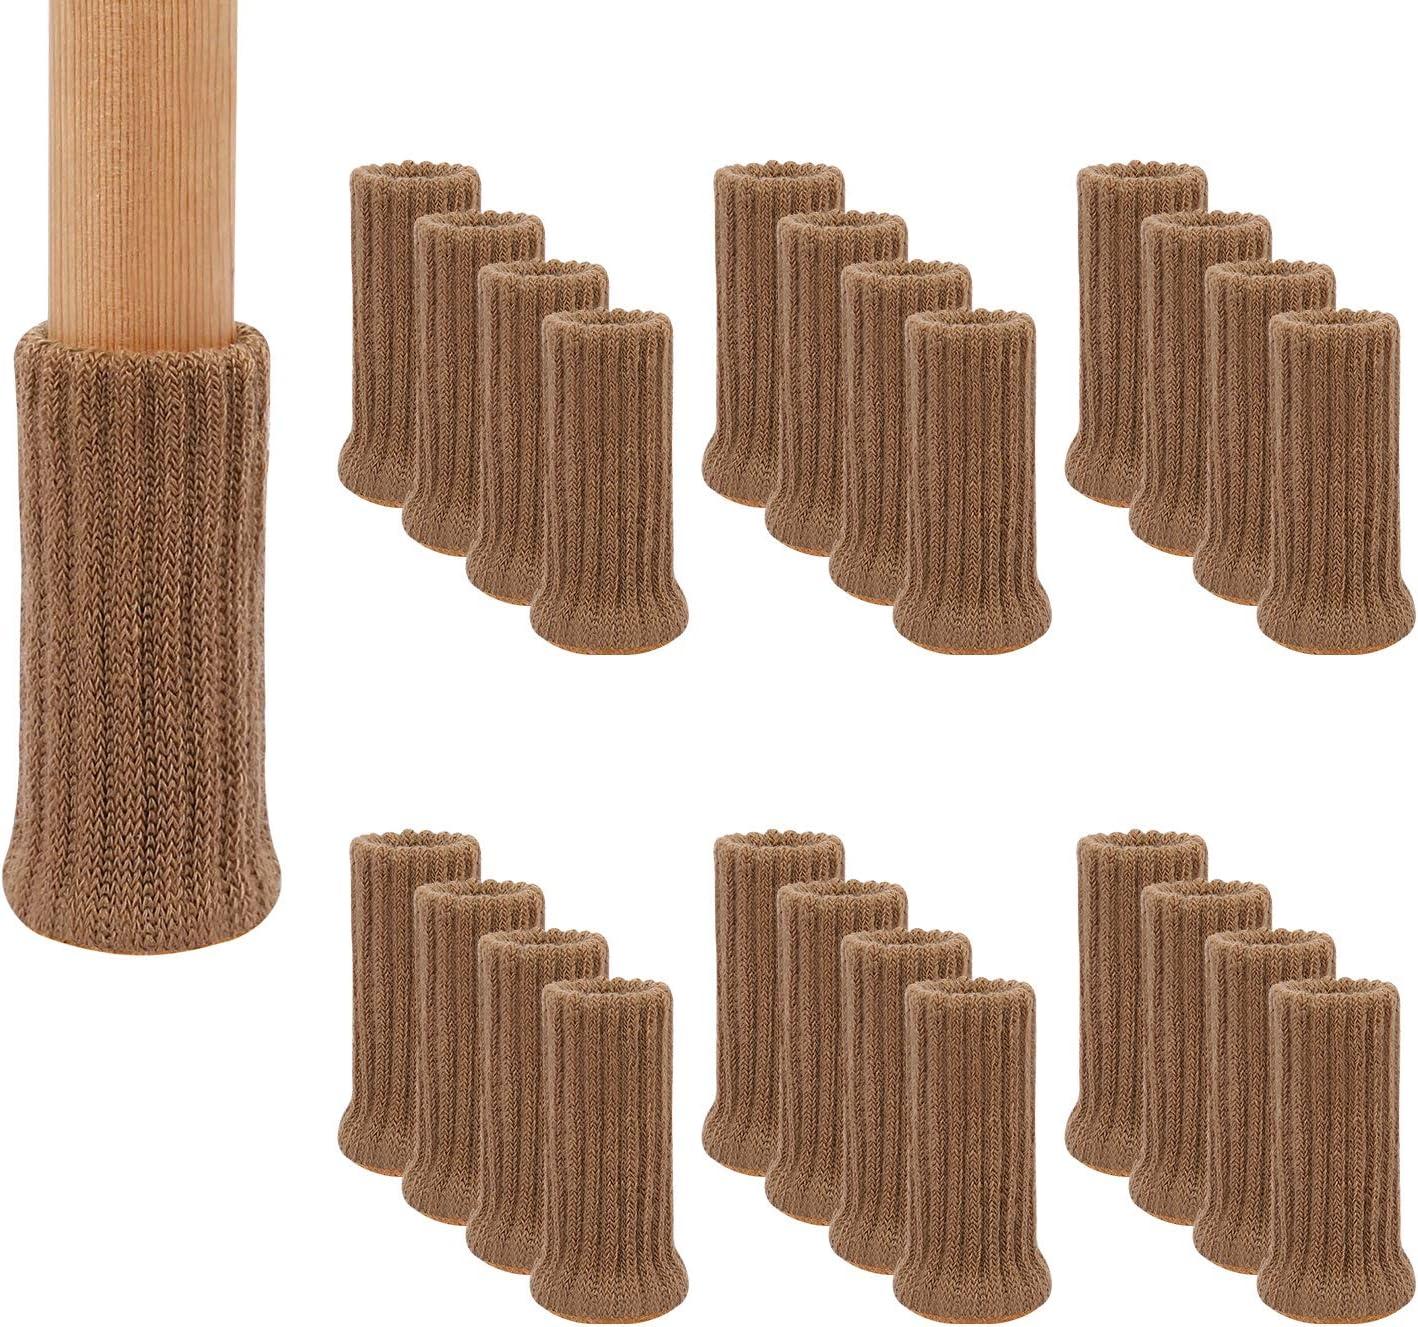 Marr/ón 32 Piezas de Punto El/áStico Para Muebles Doble Grosor Se Ajustan a Patas Redondas con Di/áMetro de 2,5 a 5 cm, Protectores de Suelo Para Silla AIRUJIA Calcetines Para Patas de Silla